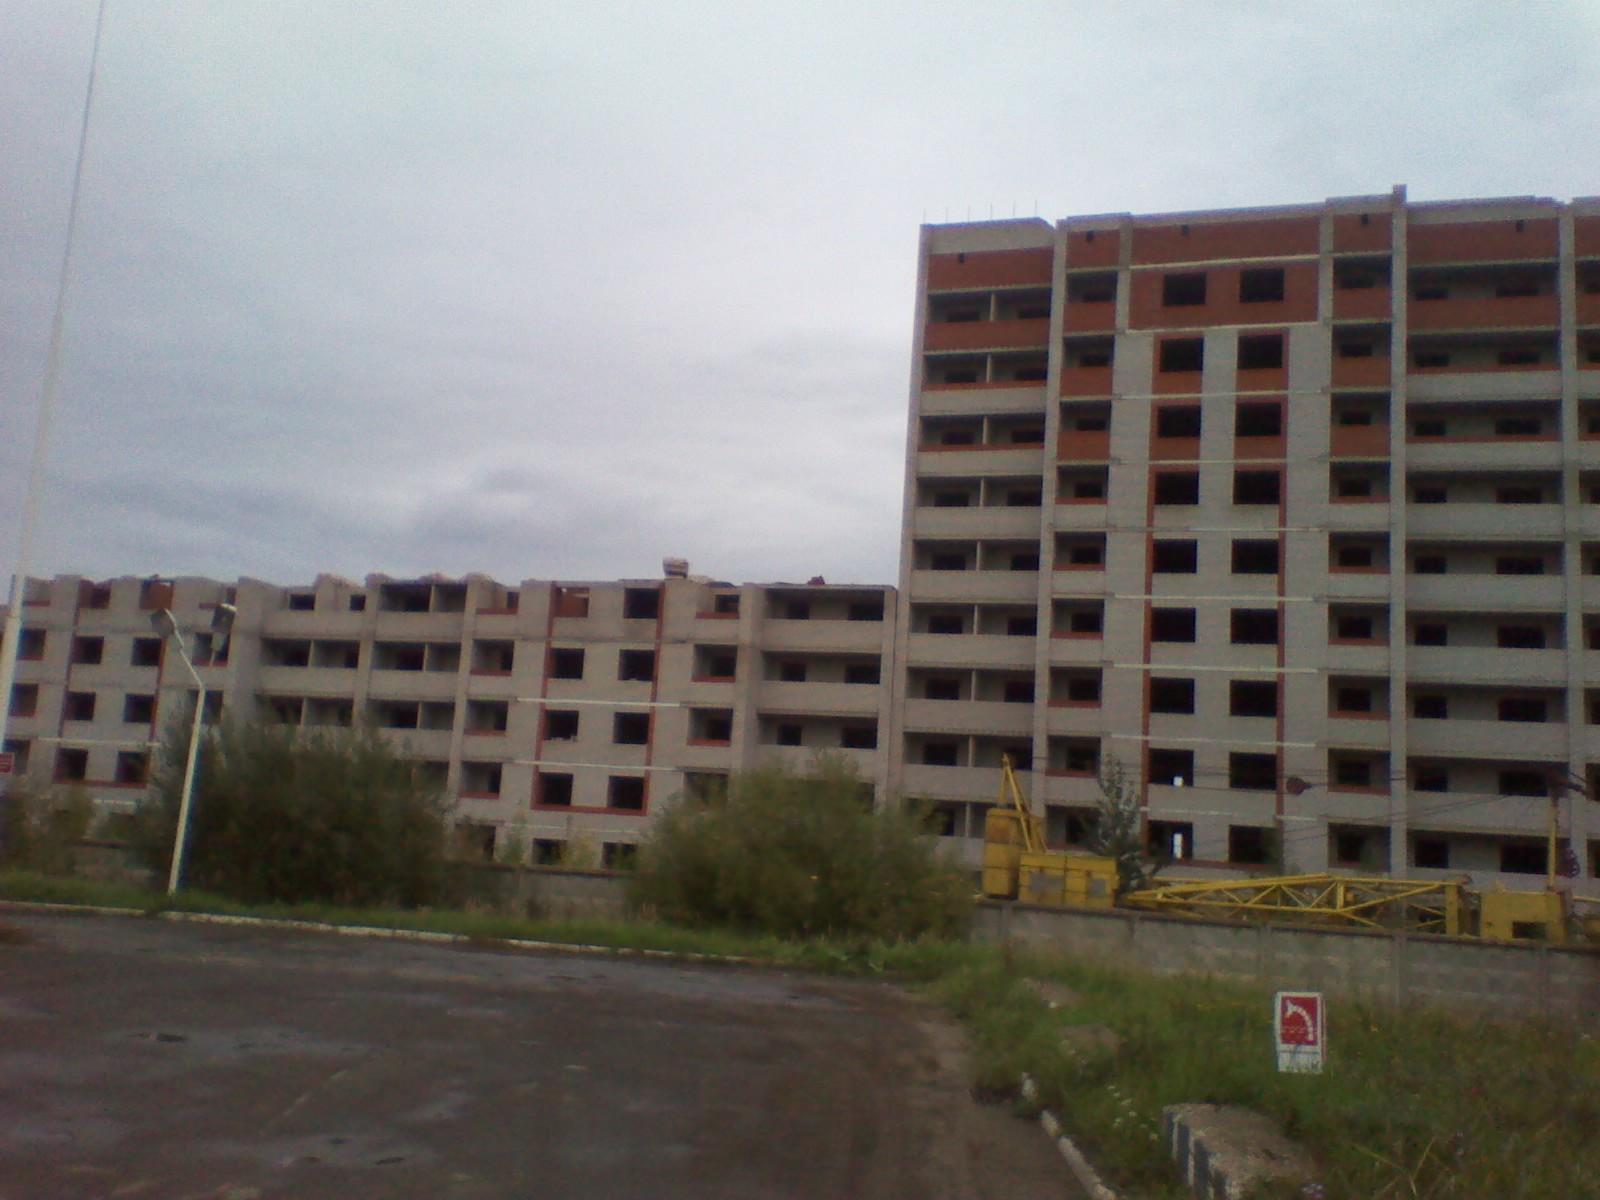 Новостройки на улице татарская строительная компания вэлком г.Ижевск строительные материалы брусы